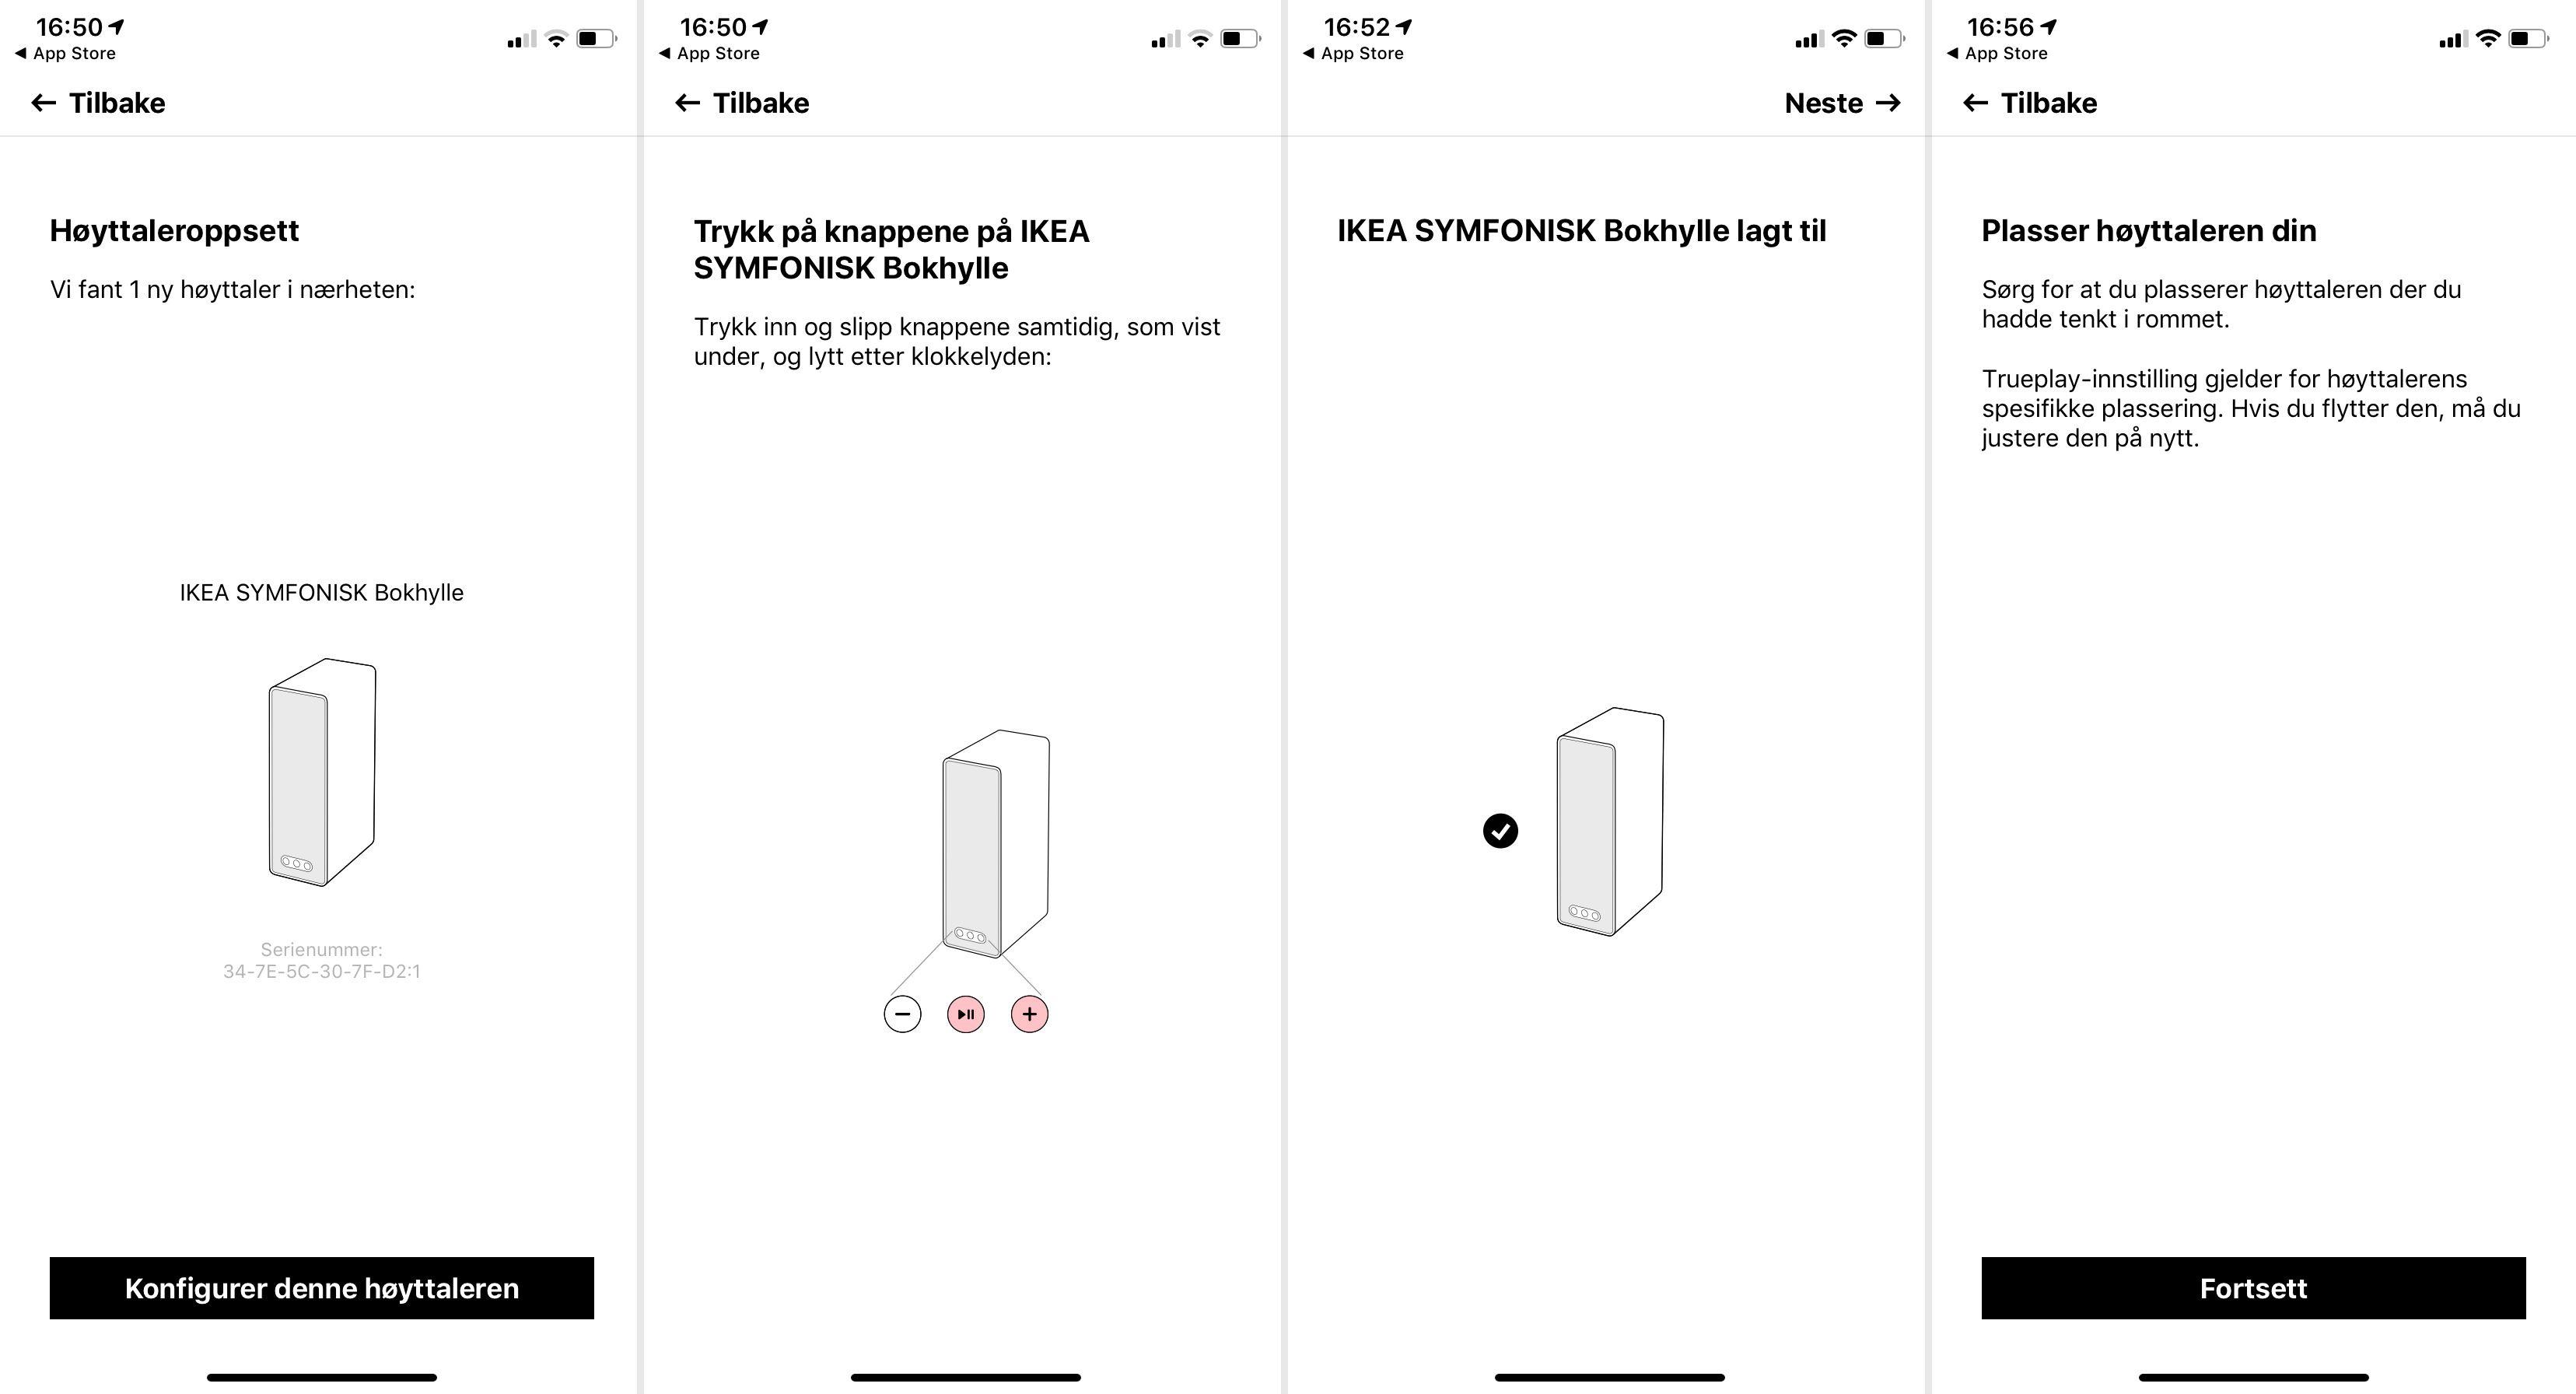 Sonos-appen brukes til å sette opp høyttalerne. Det går unna på et par minutter. Har du en iOS-enhet får du også mulighet til å gjennomføre TruePlay-kalibreringen.